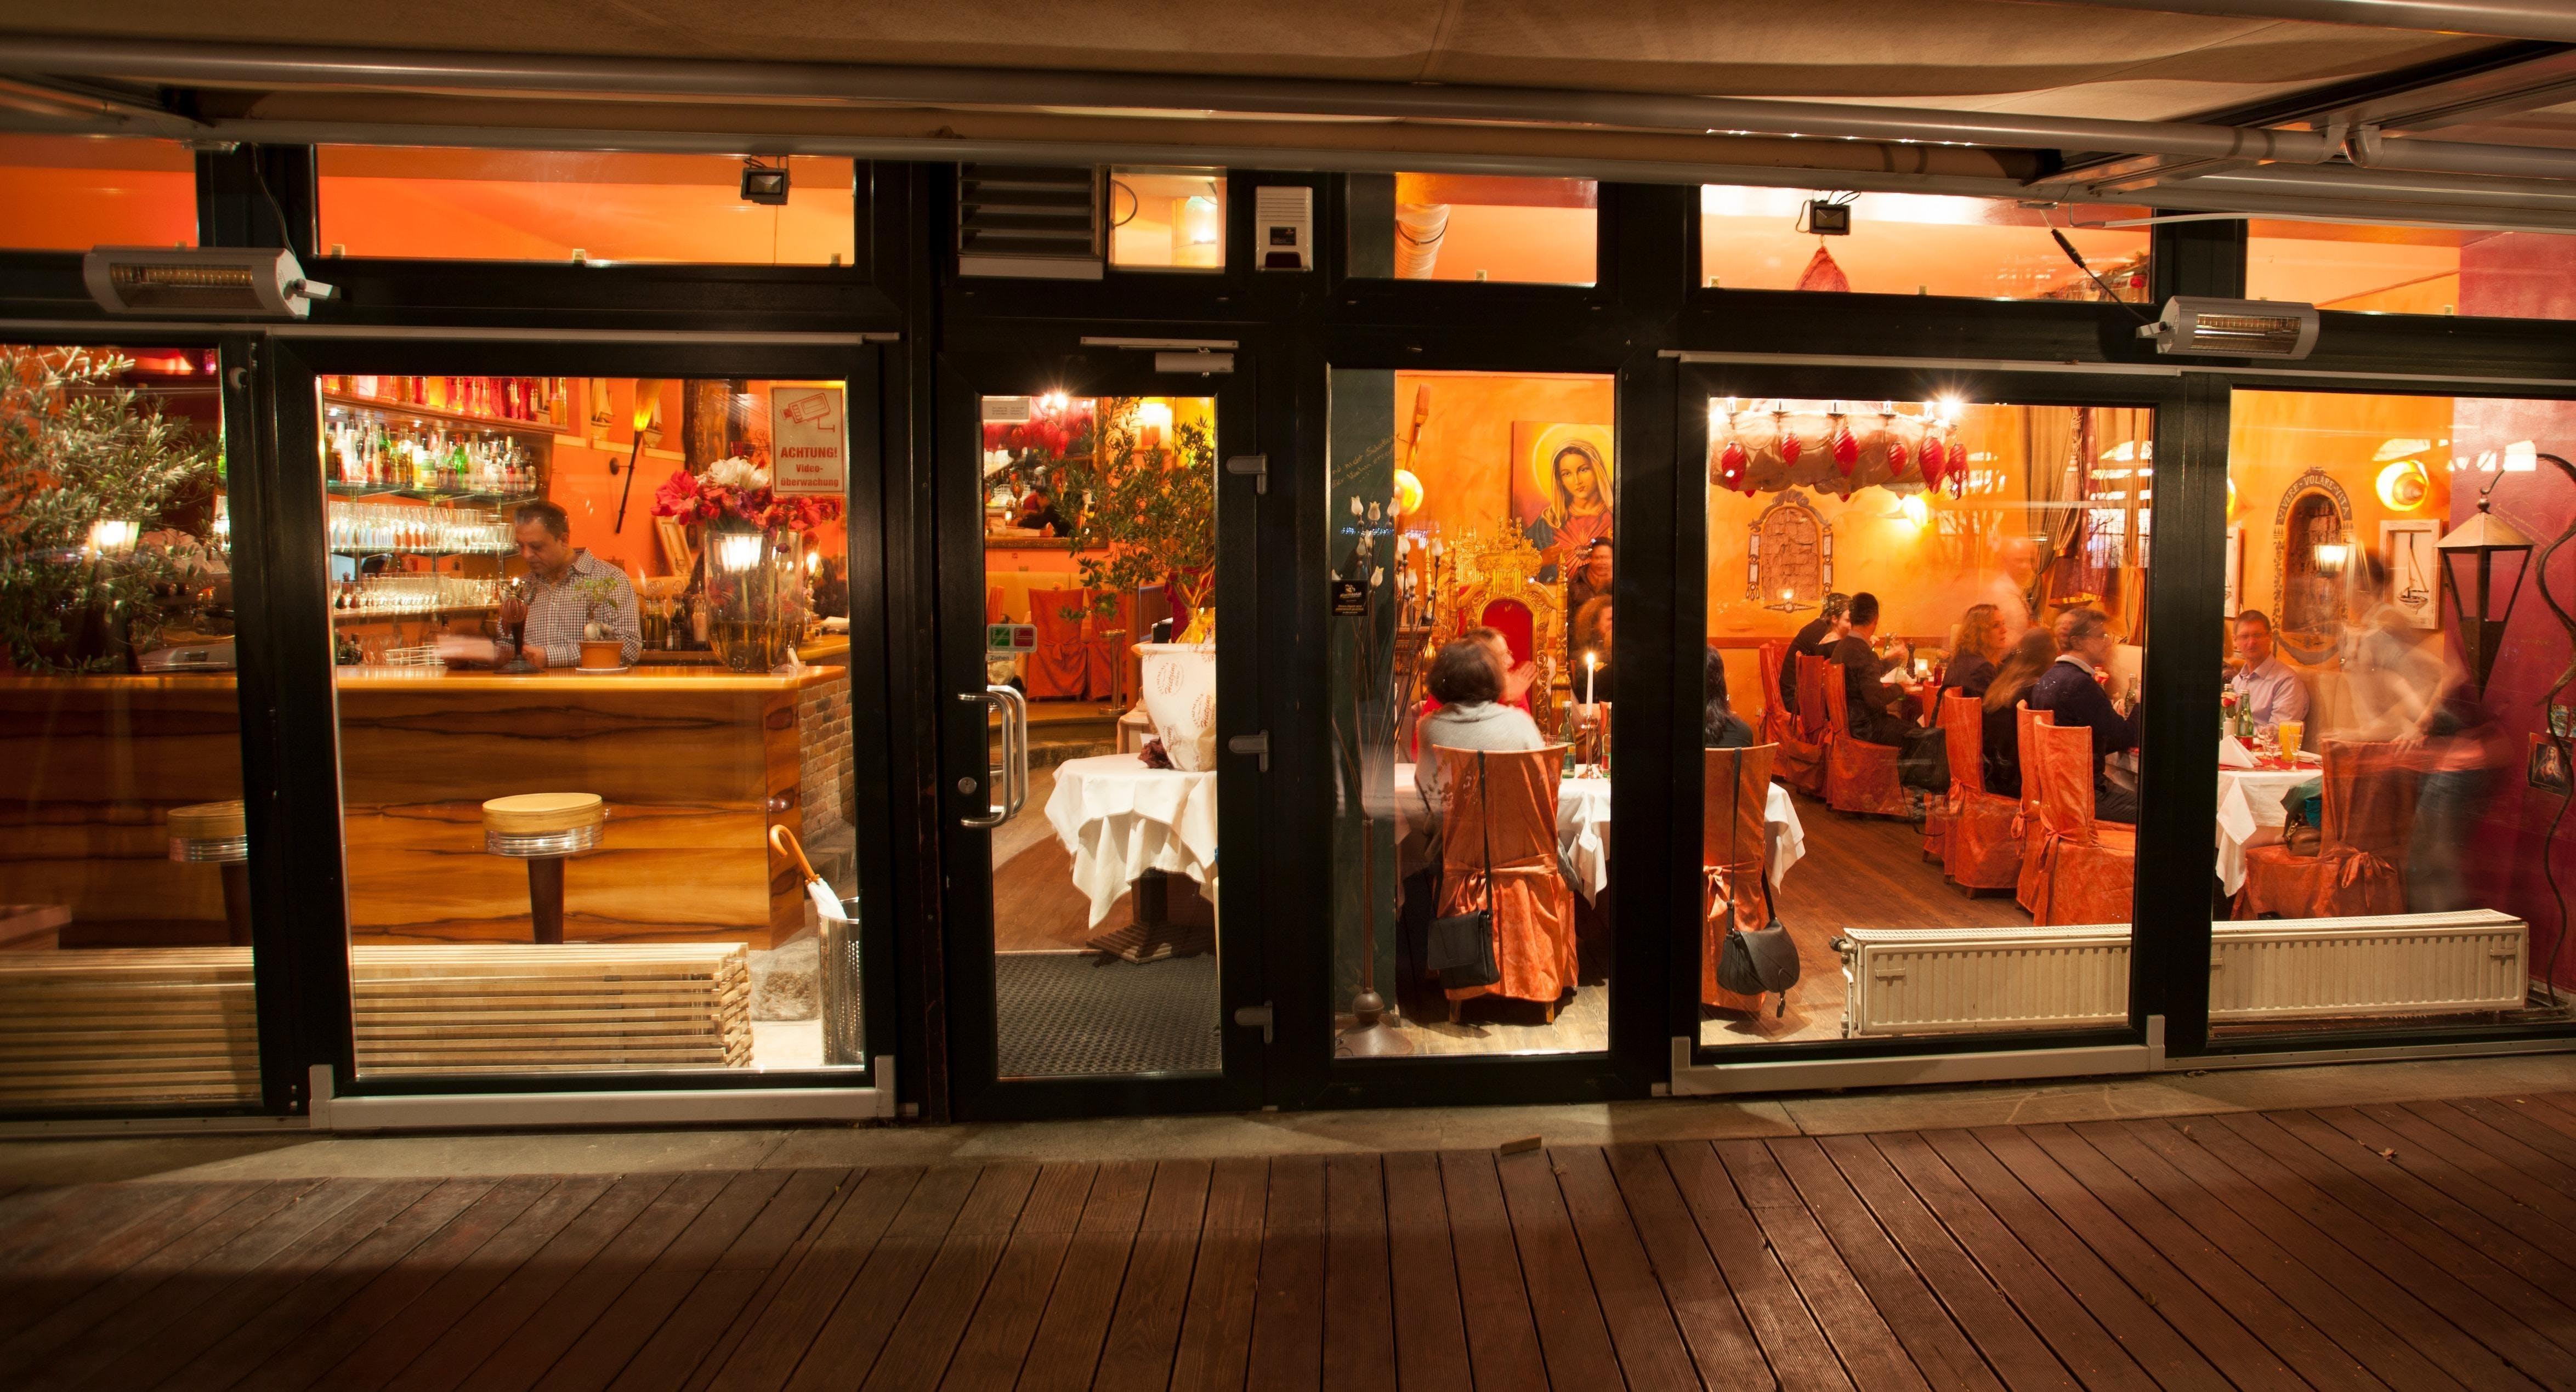 Restaurant La Grappa